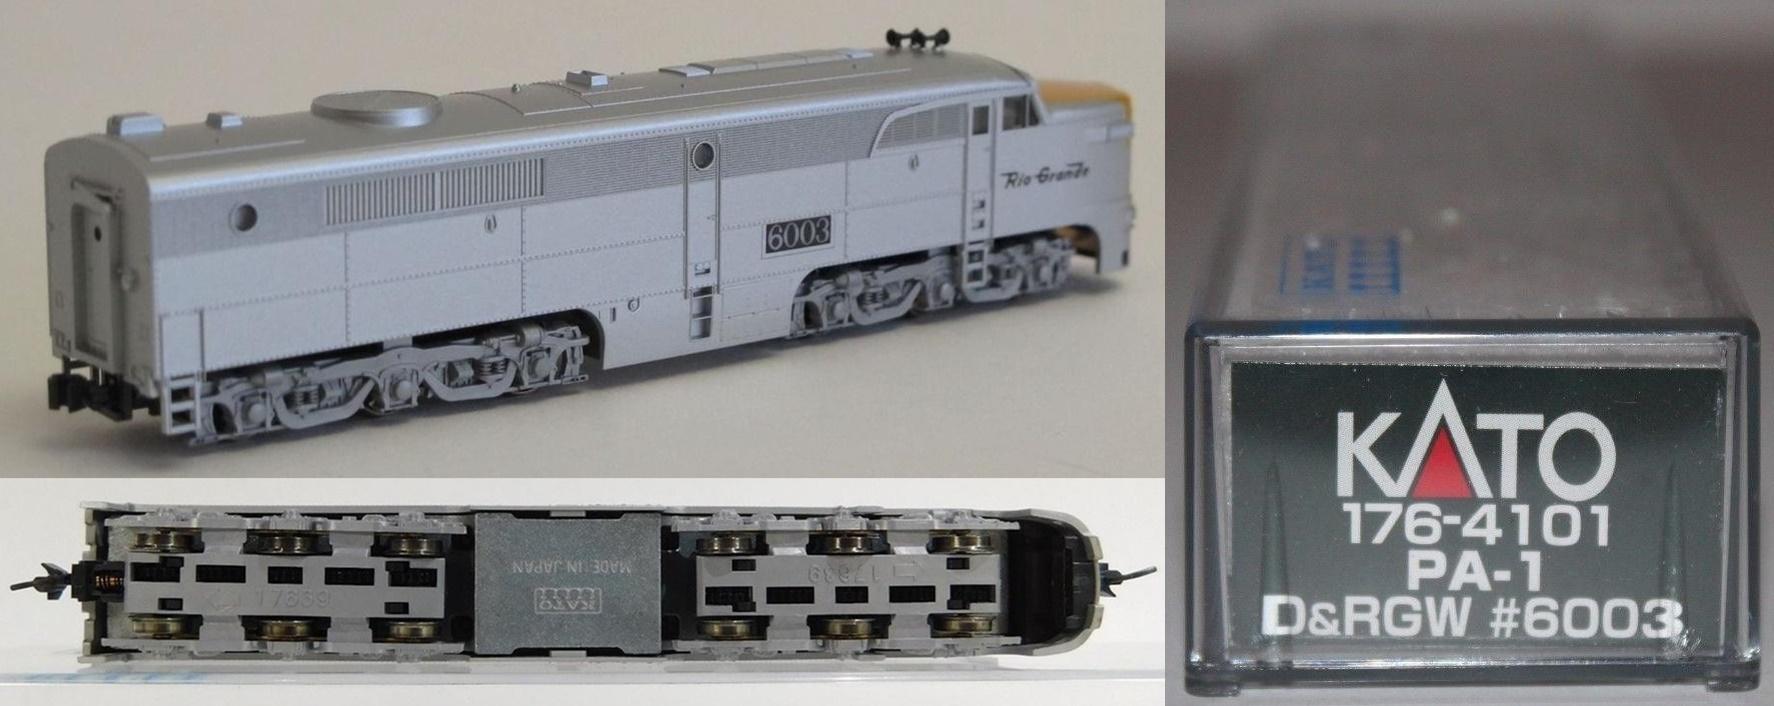 N Scale - Kato USA - 176-4101 - Locomotive, Diesel, Alco PA/PB - Rio Grande - 6003